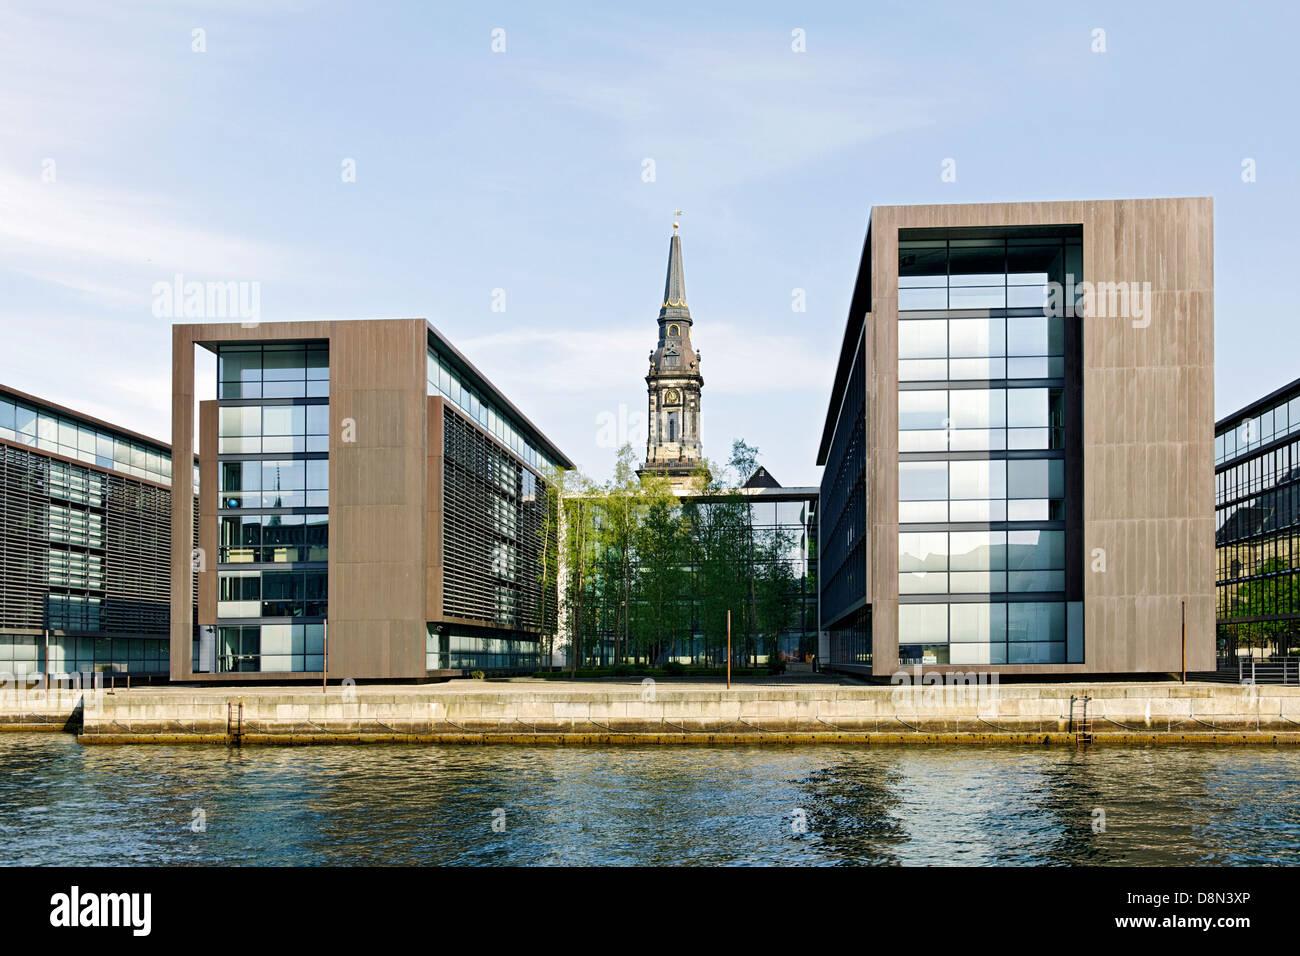 Modern architecture, Christianshavn, Copenhagen, Denmark, Europe - Stock Image